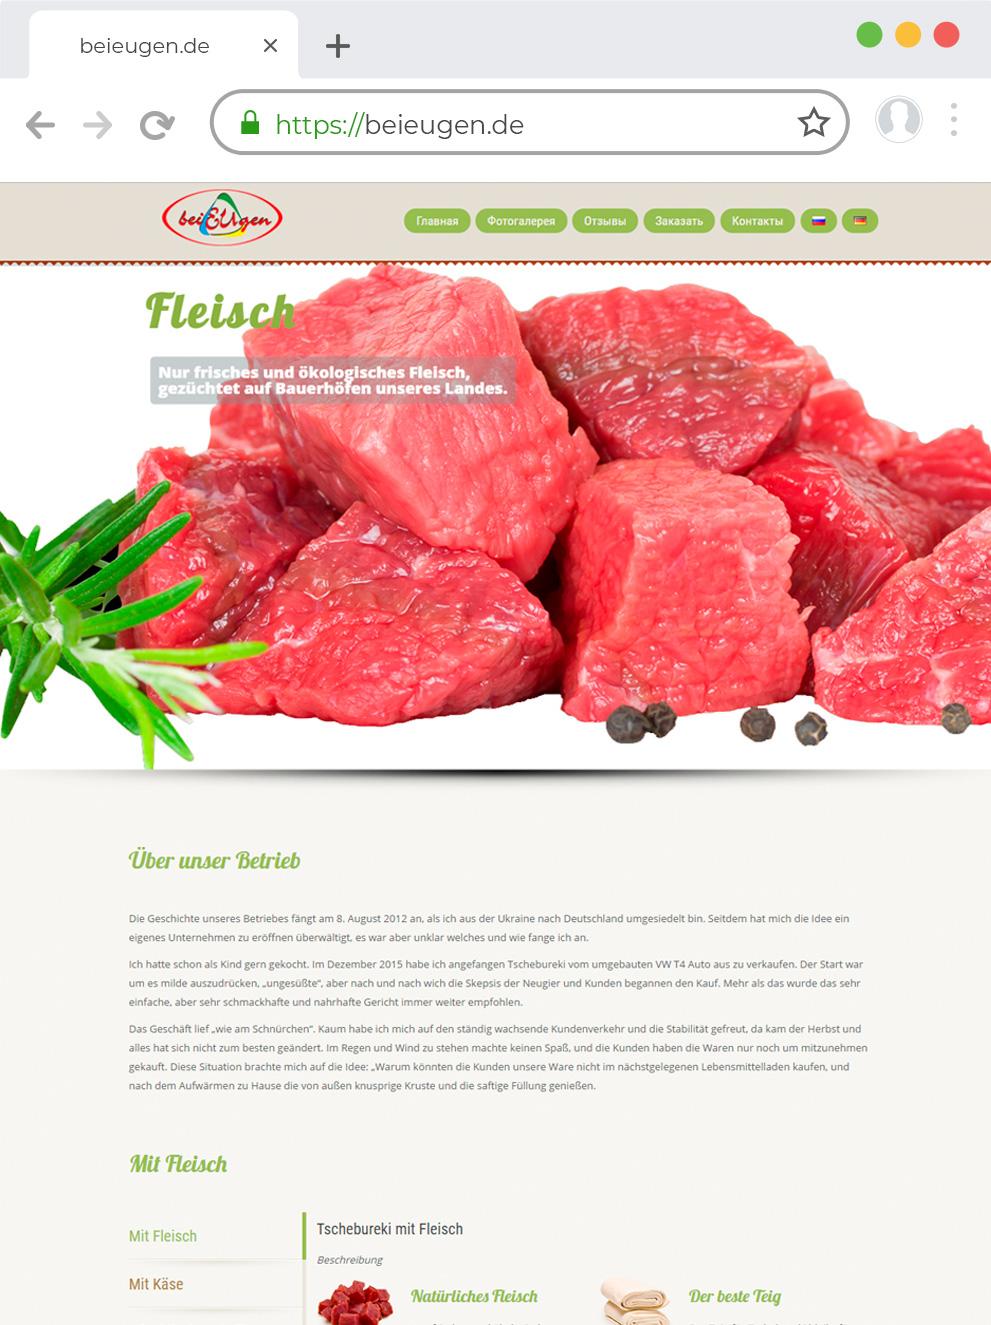 Разработка сайта визитки на Wordpress для компании «Beieugen»